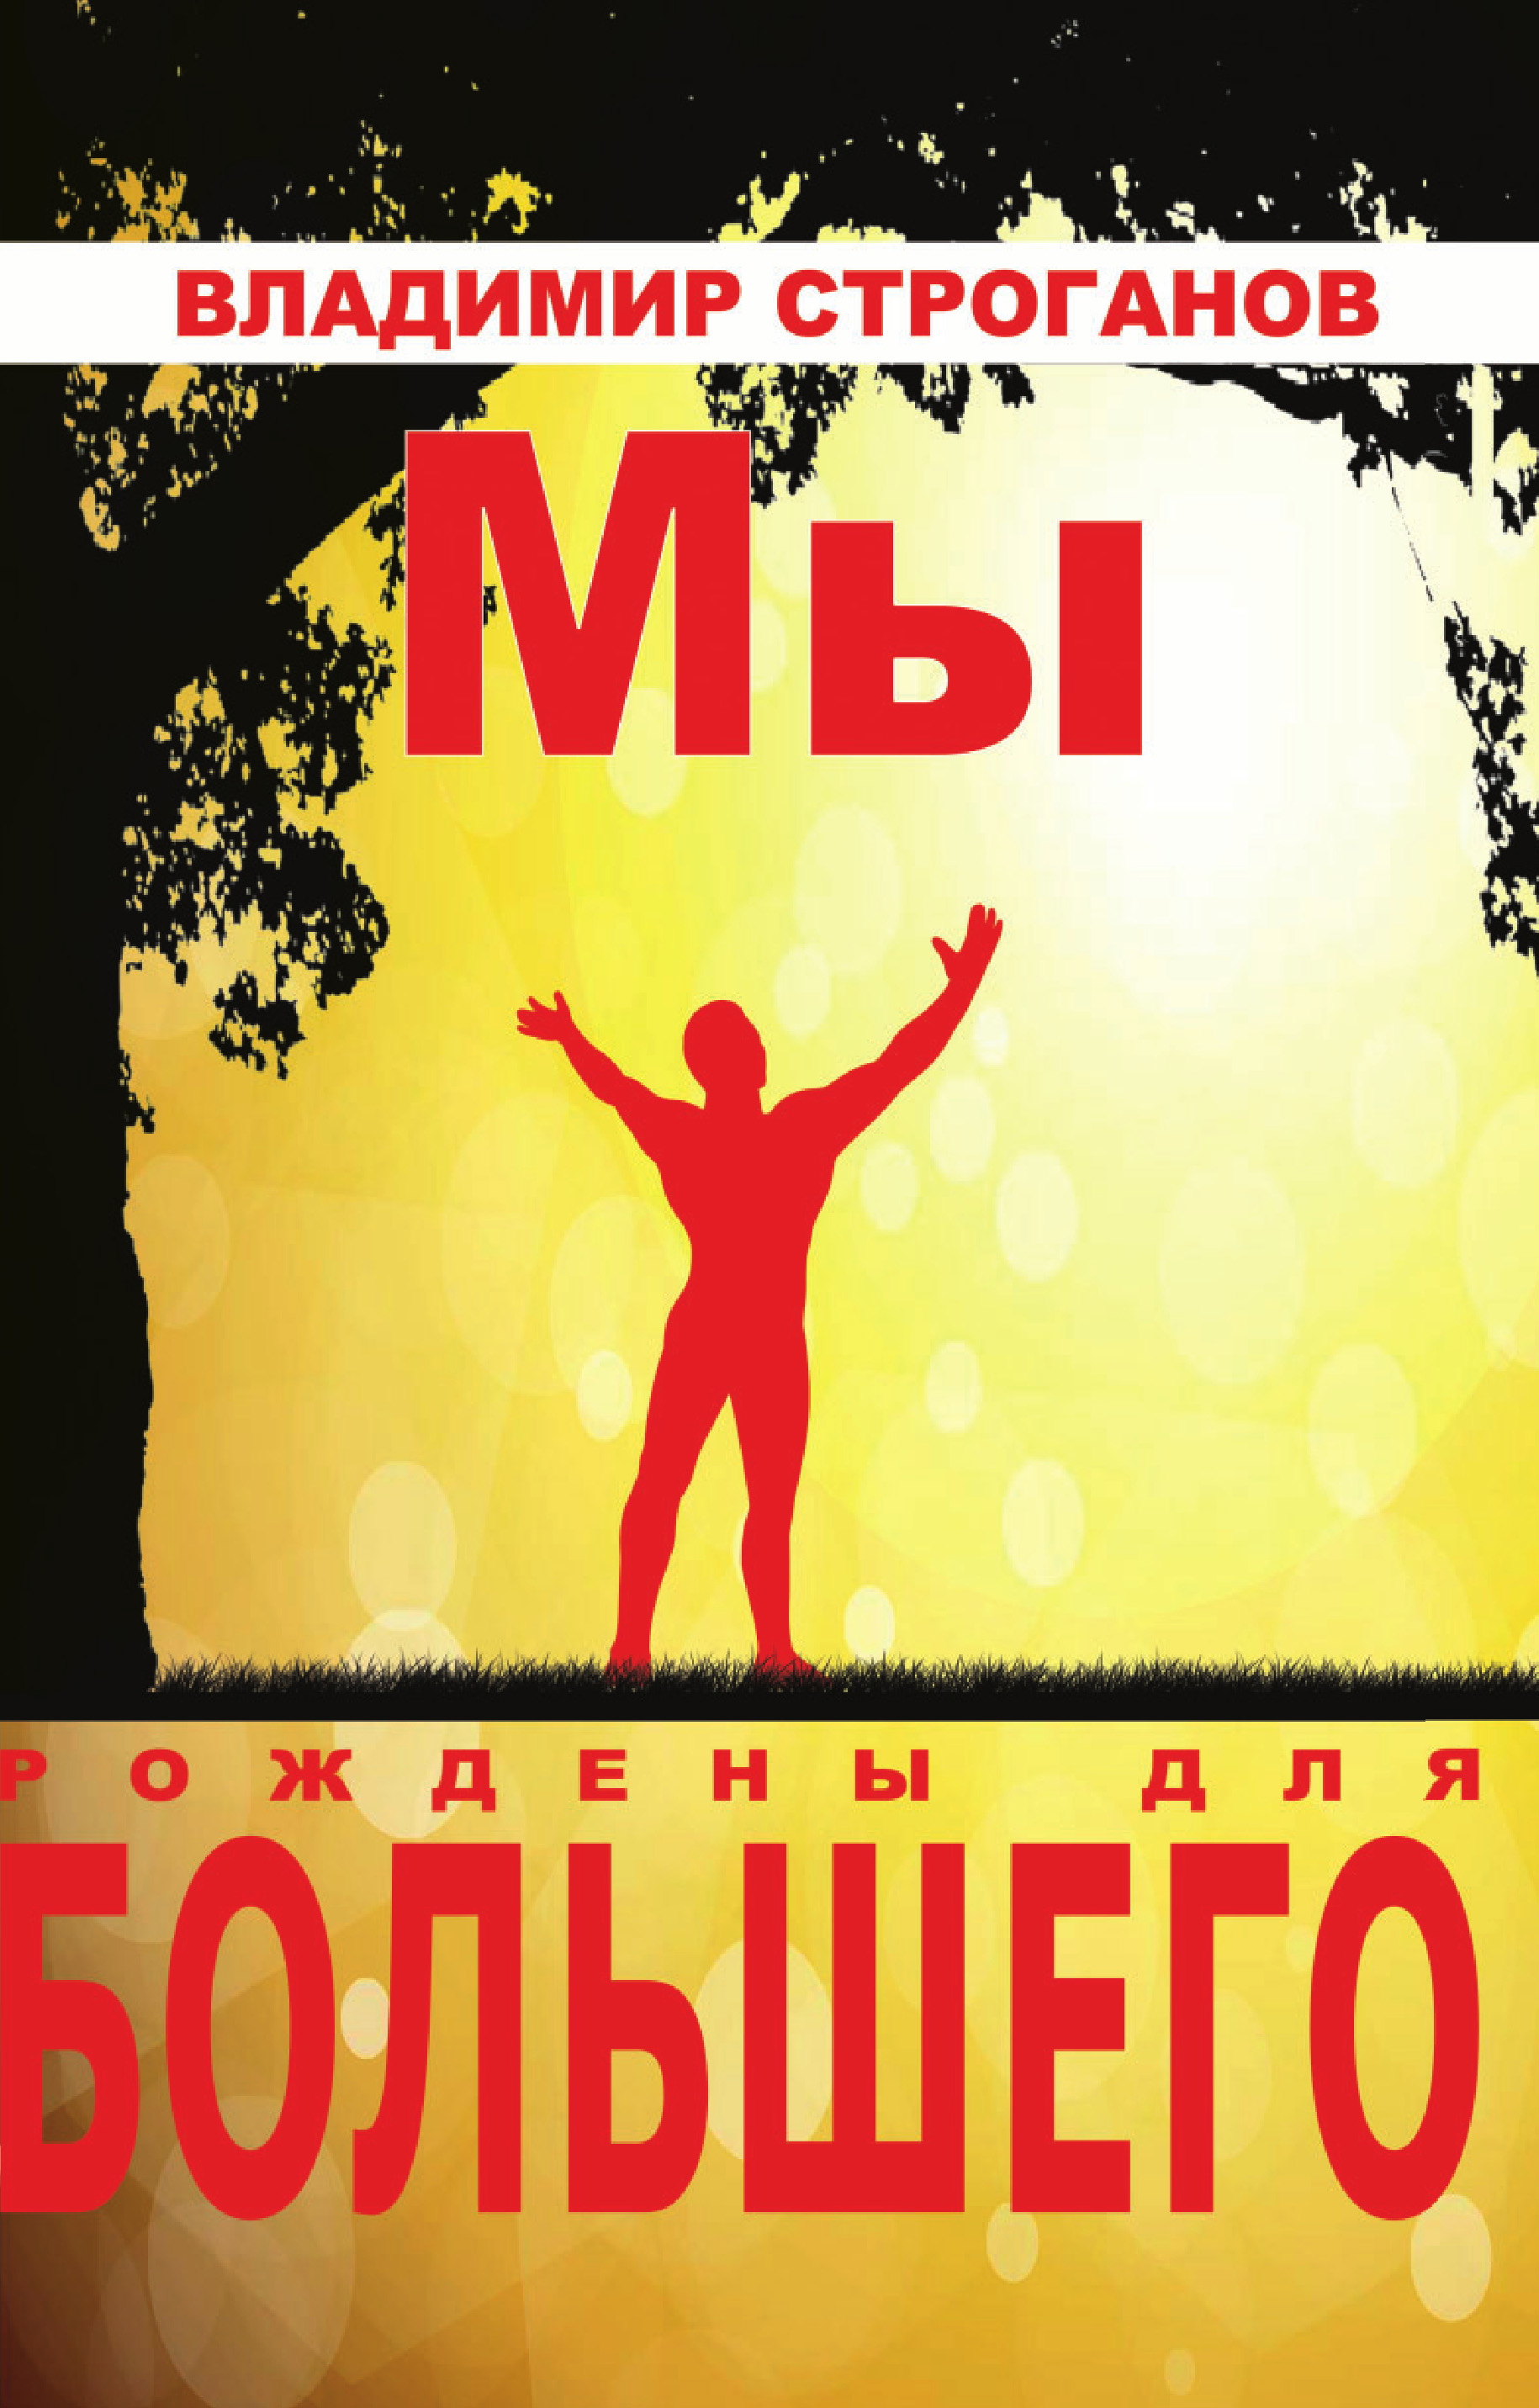 Купить книгу Мы рождены для большего, автора Владимира Строганова